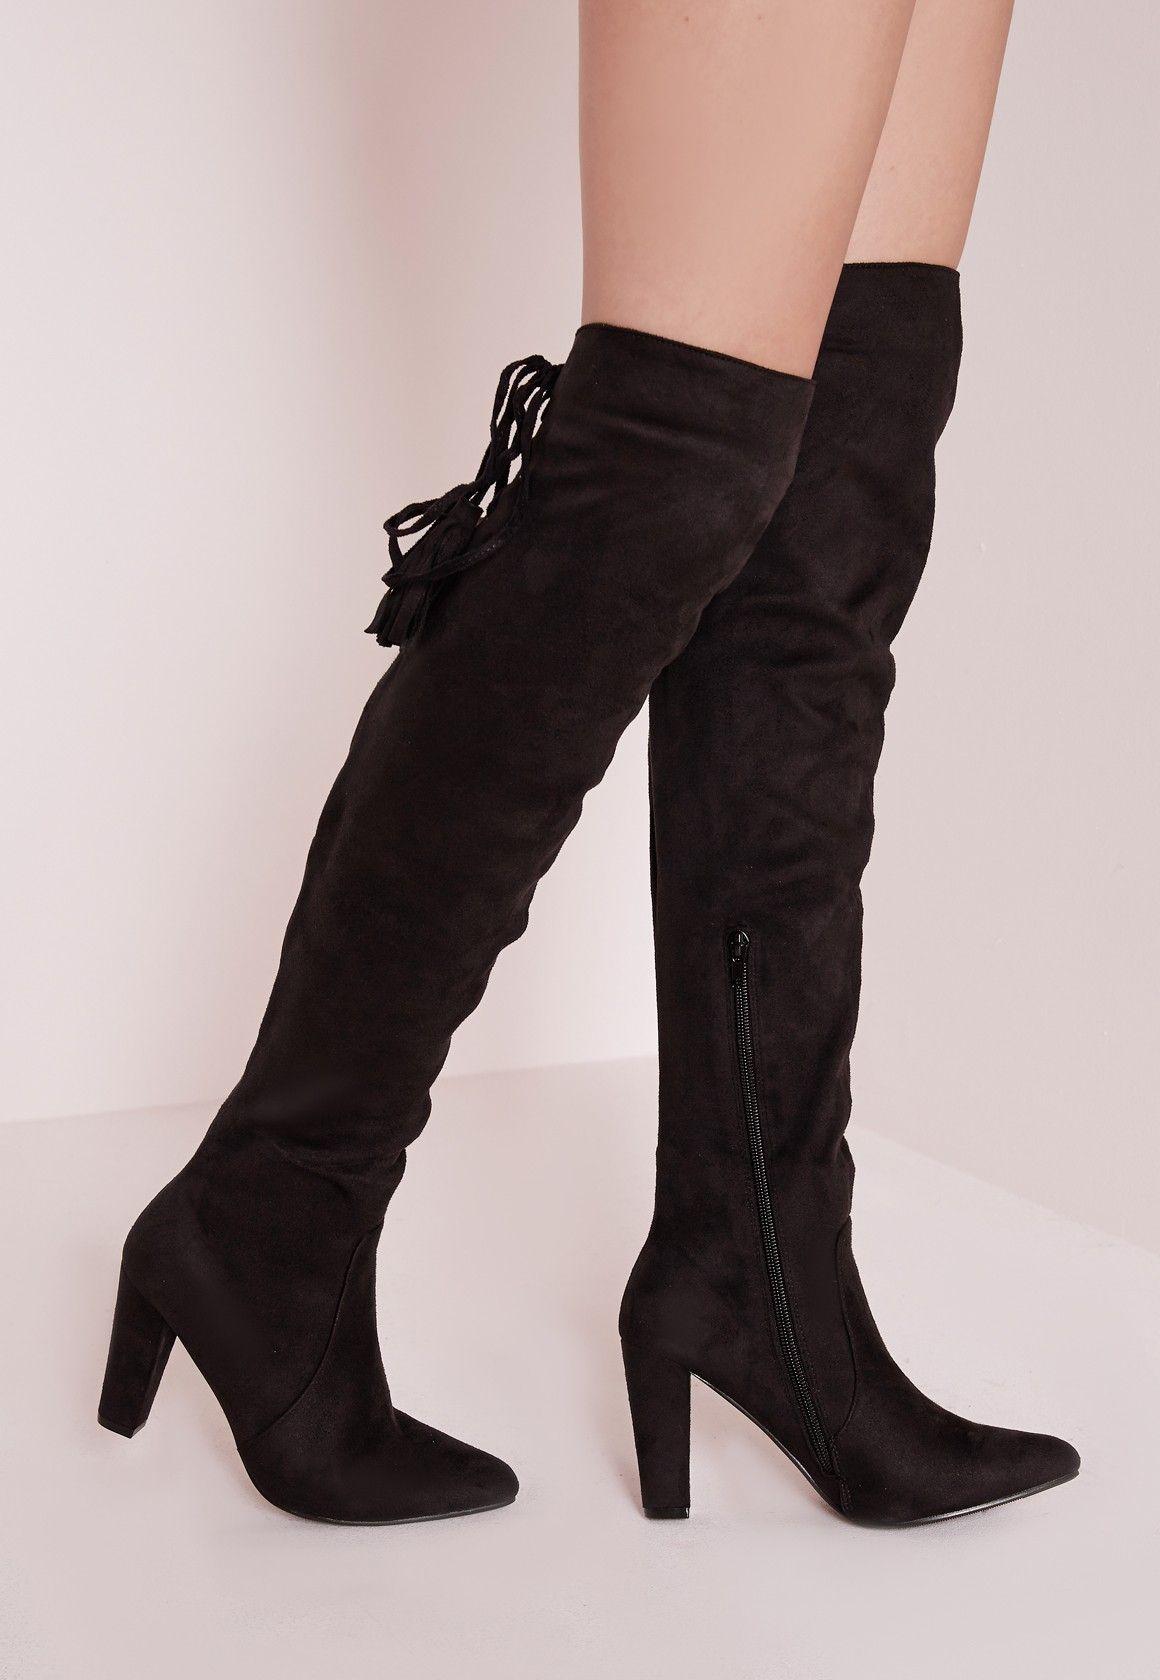 missguided - cuissardes noires à talons avec lacets arrière | mode